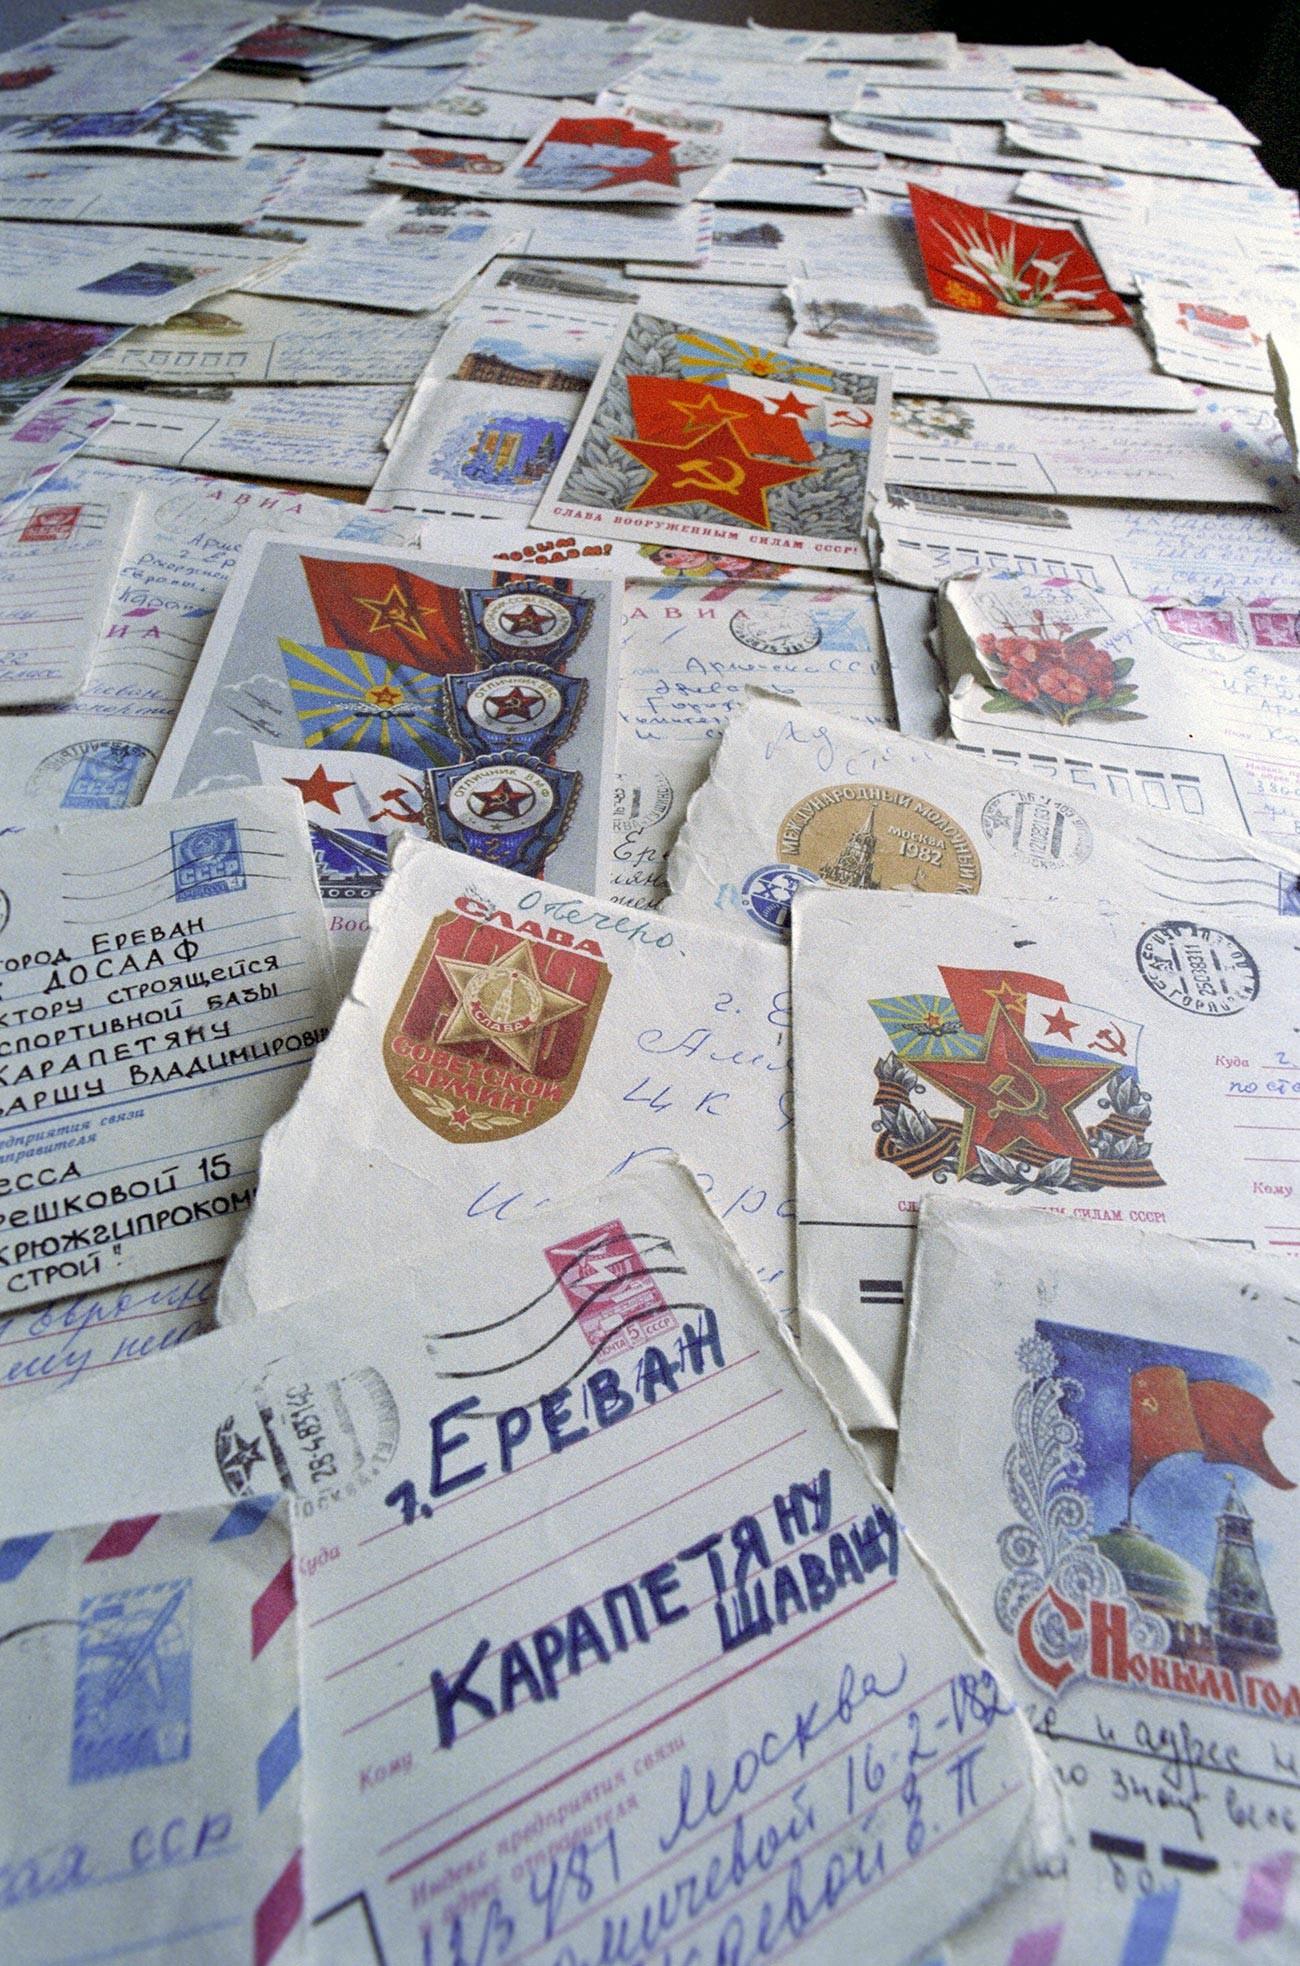 Писма Шаваршу Владимировичу Карапетјану, вишеструком прваку Европе и СССР-а у подводном пливању, човеку који је спасао 20 путника из тролејбуса који се сурвао у језеро.